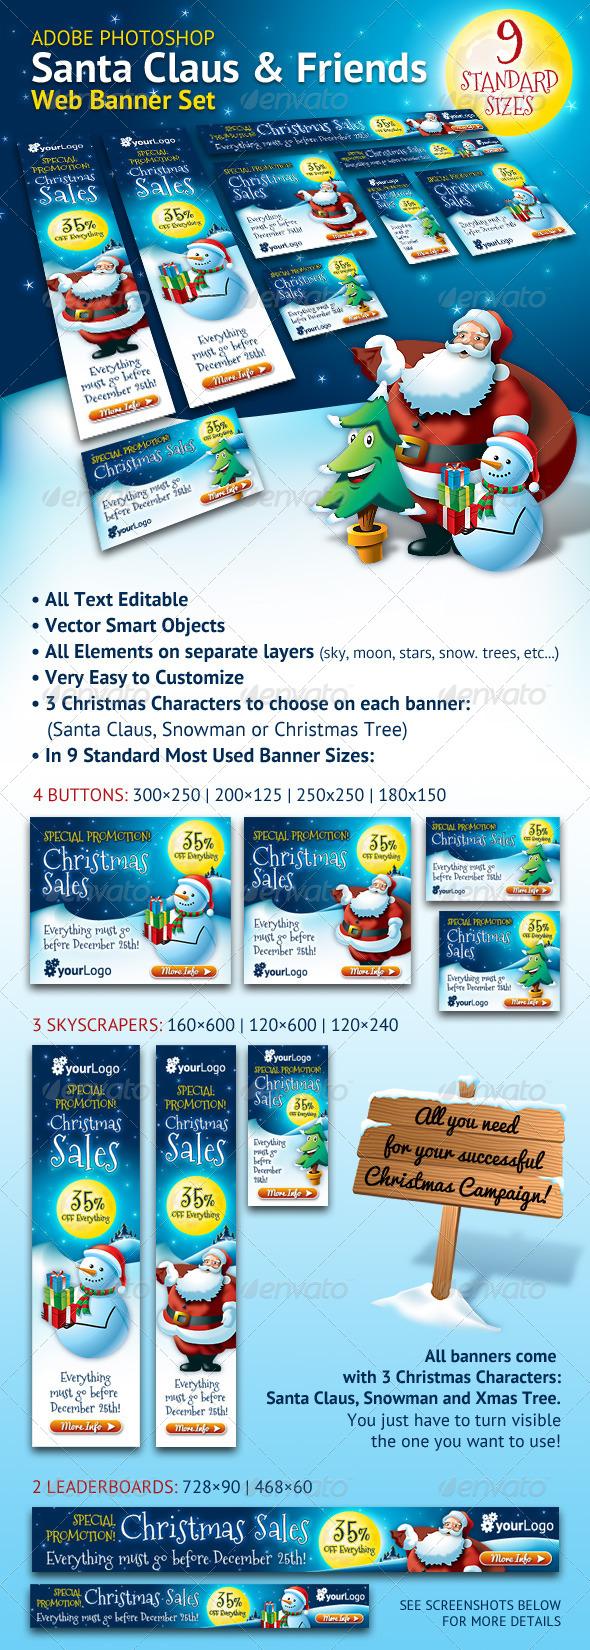 GraphicRiver Santa Claus & Friends Christmas Web Banner Set 5918982